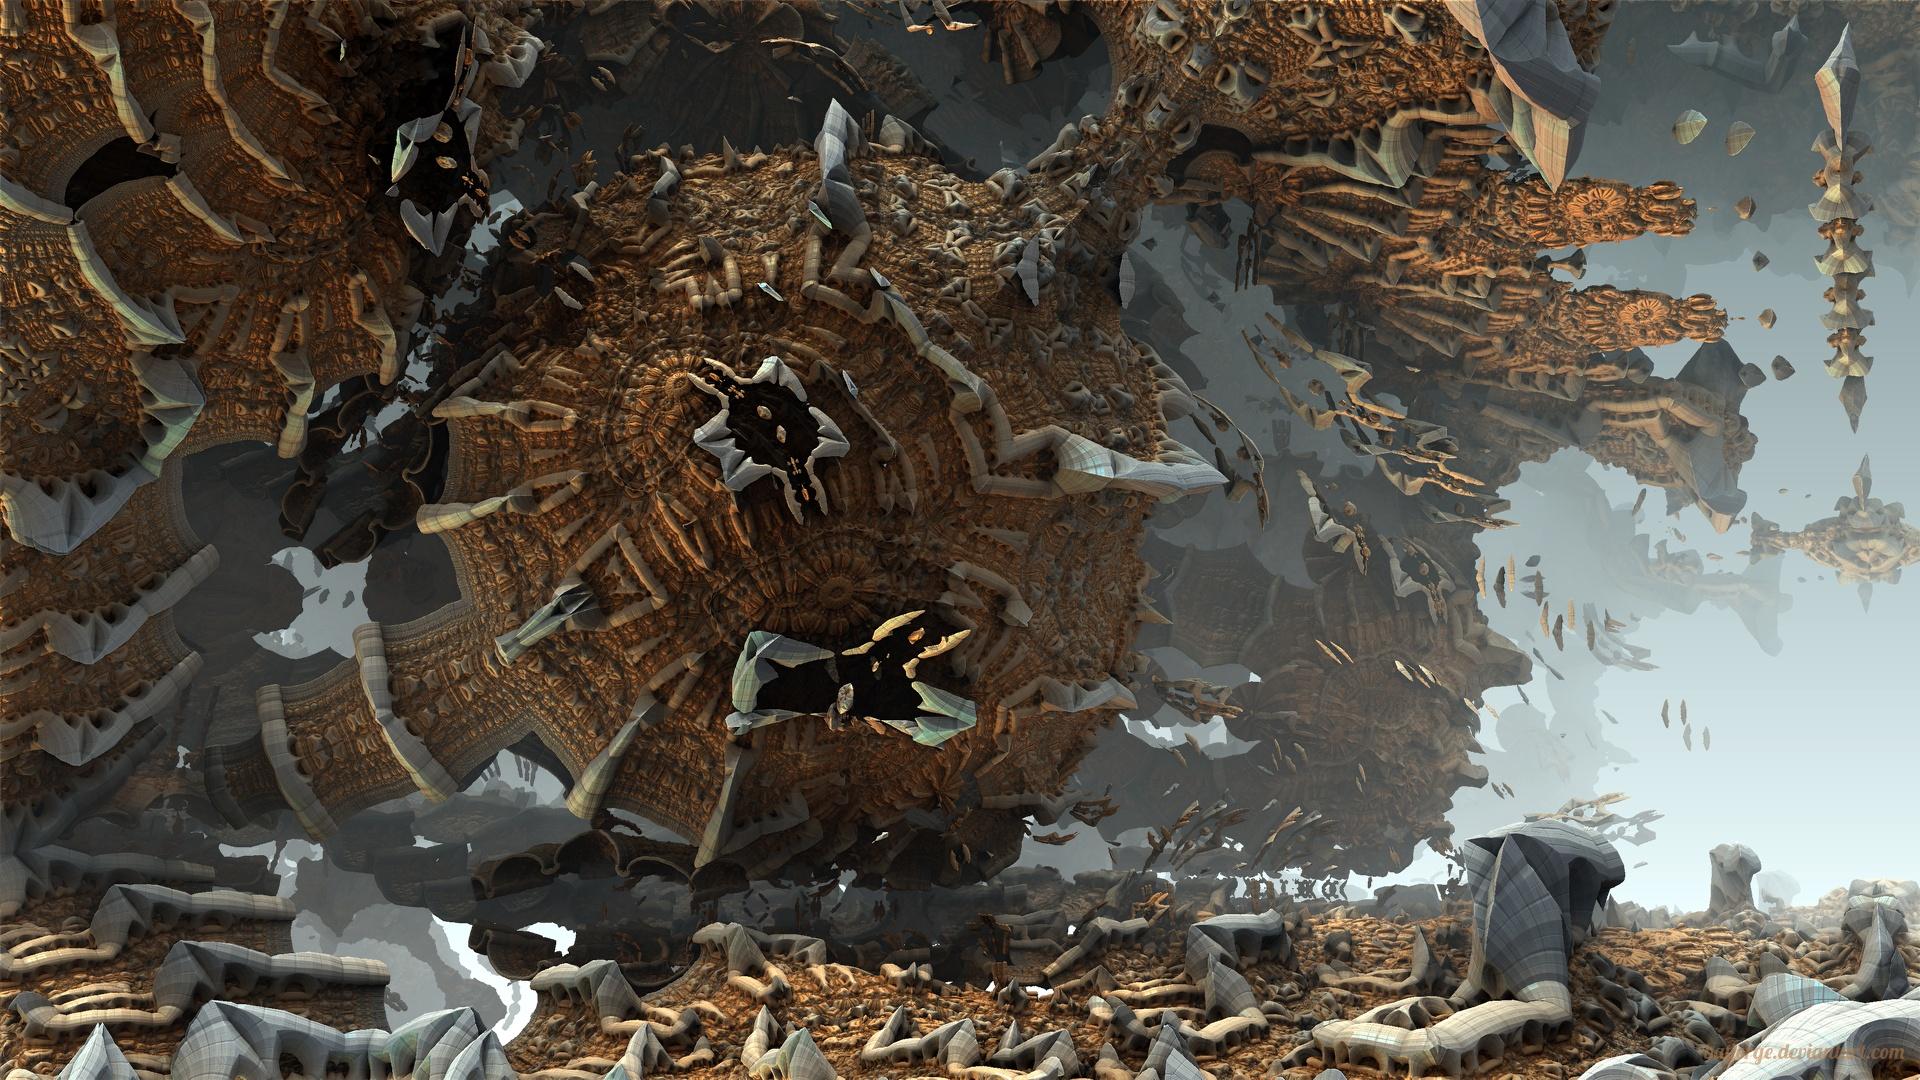 Oniric Formations by batjorge